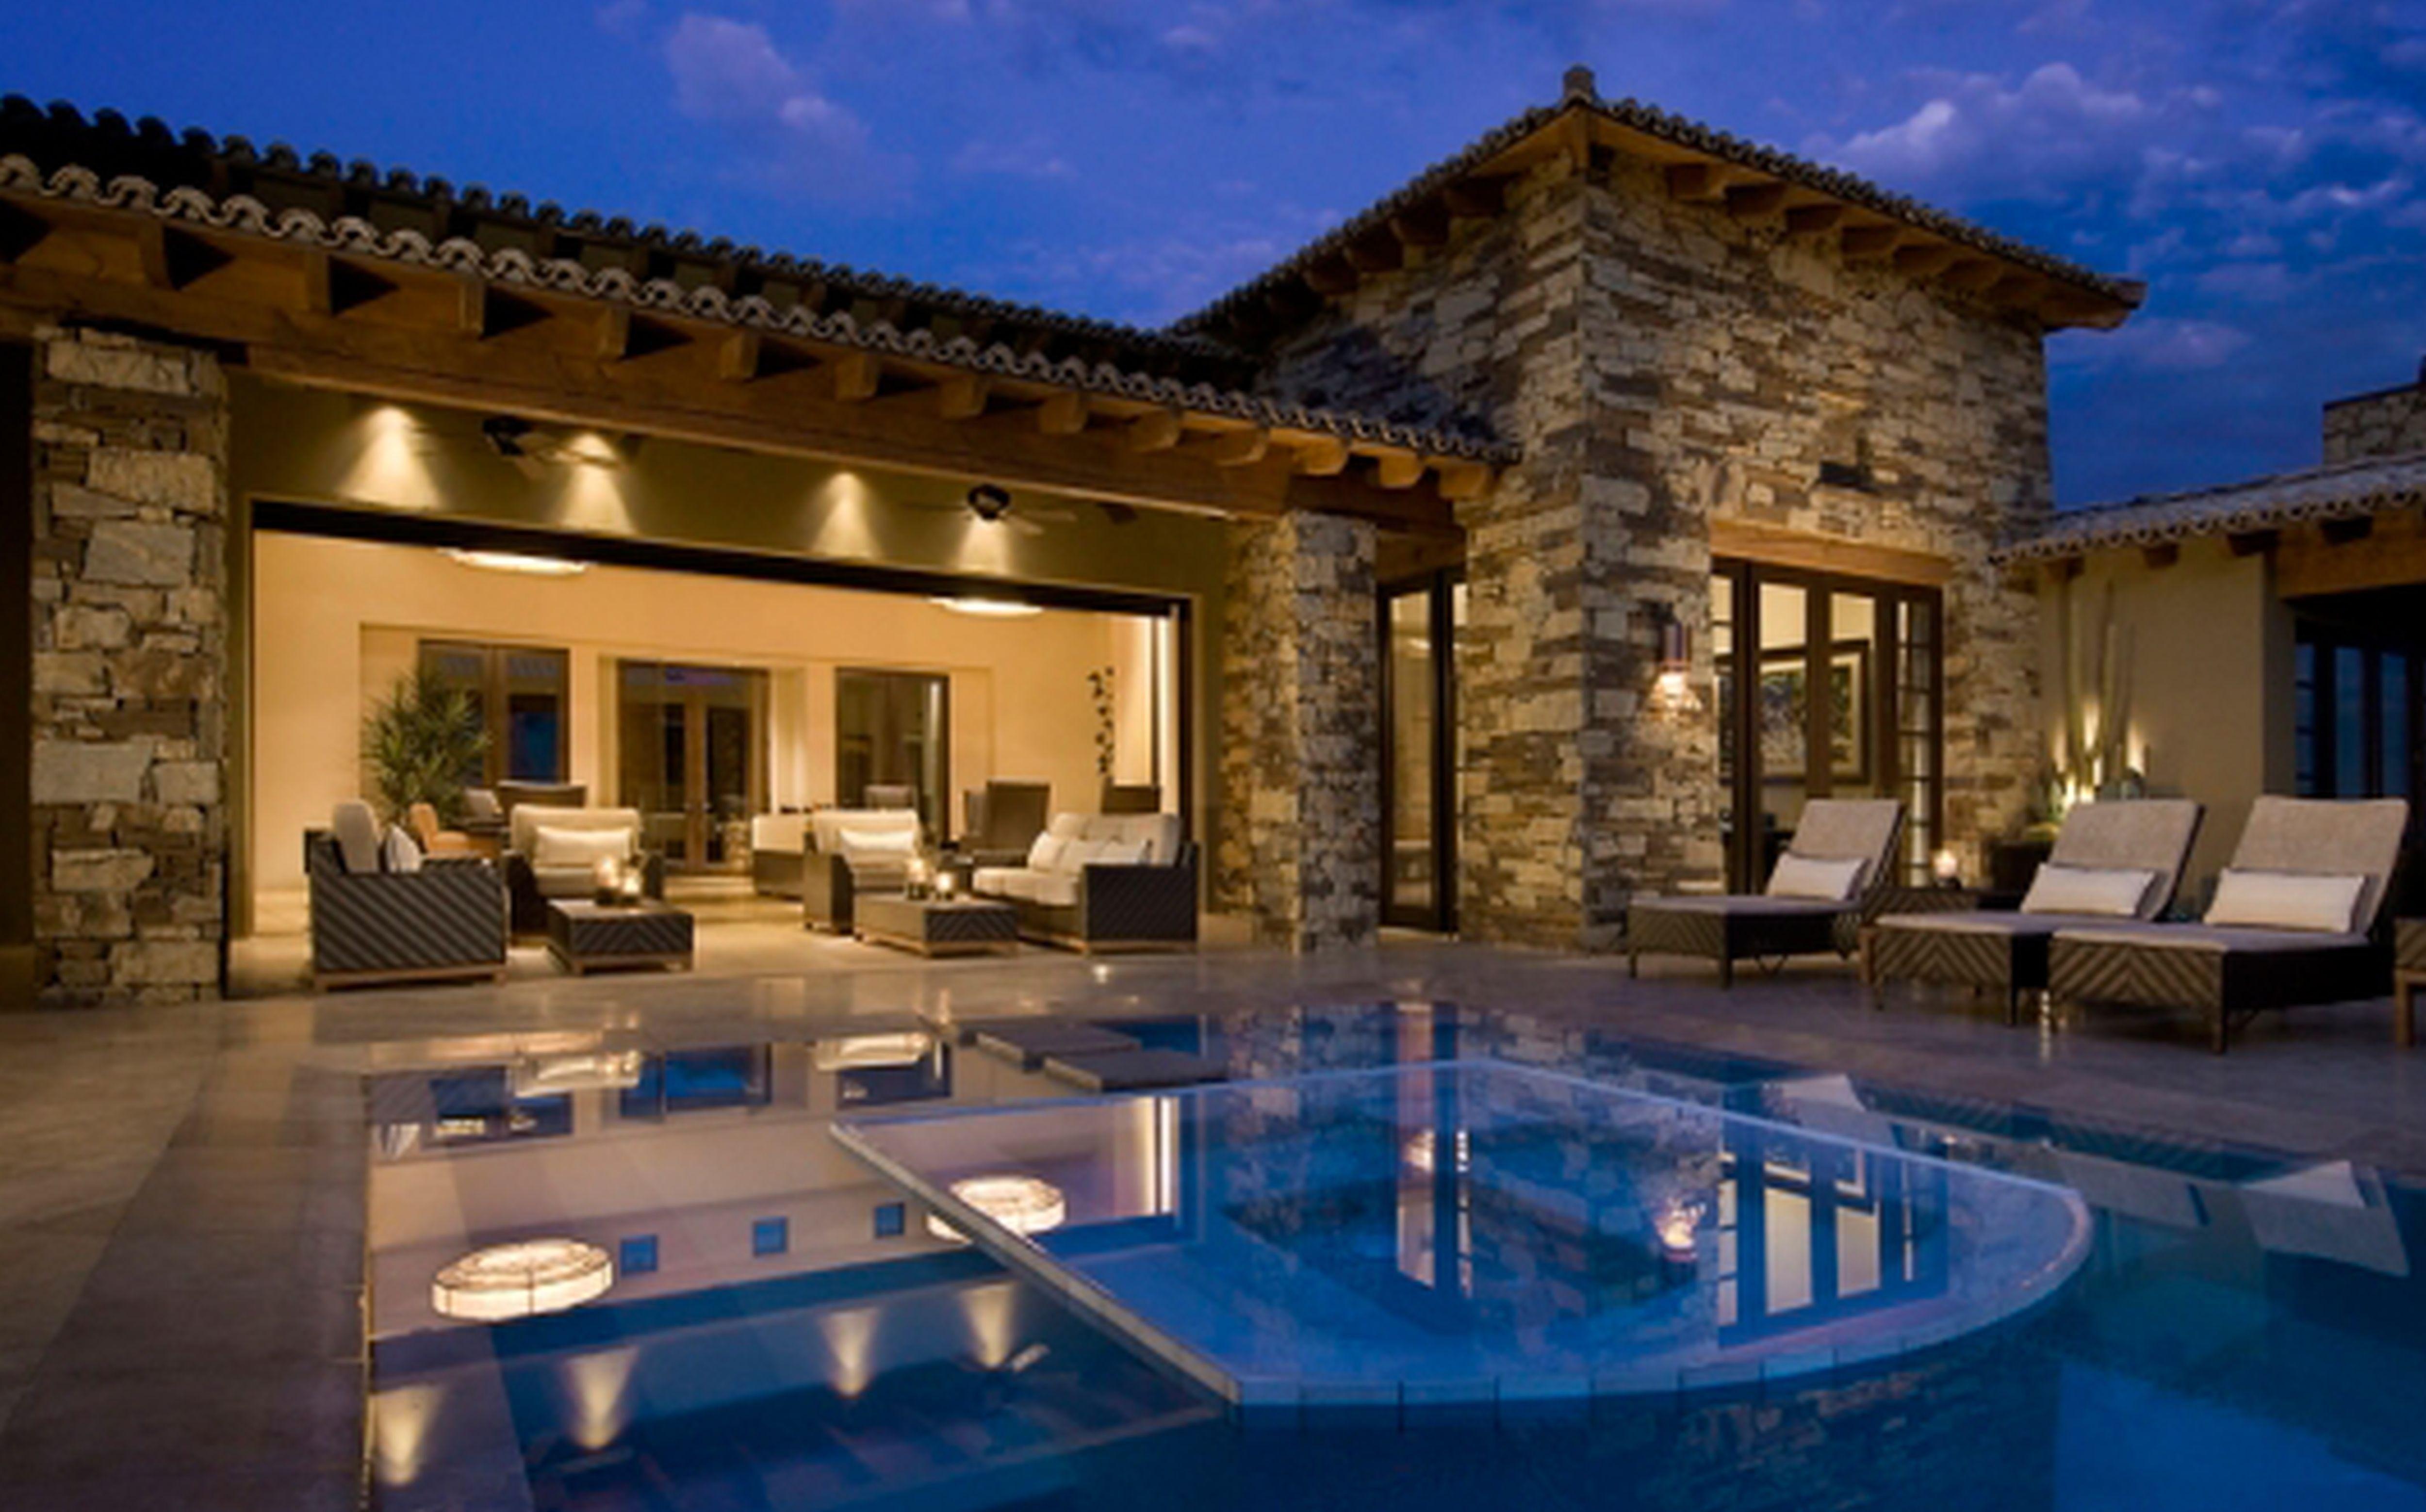 60+ casas rústicas: inspirações e fotos lindas | cabana, country